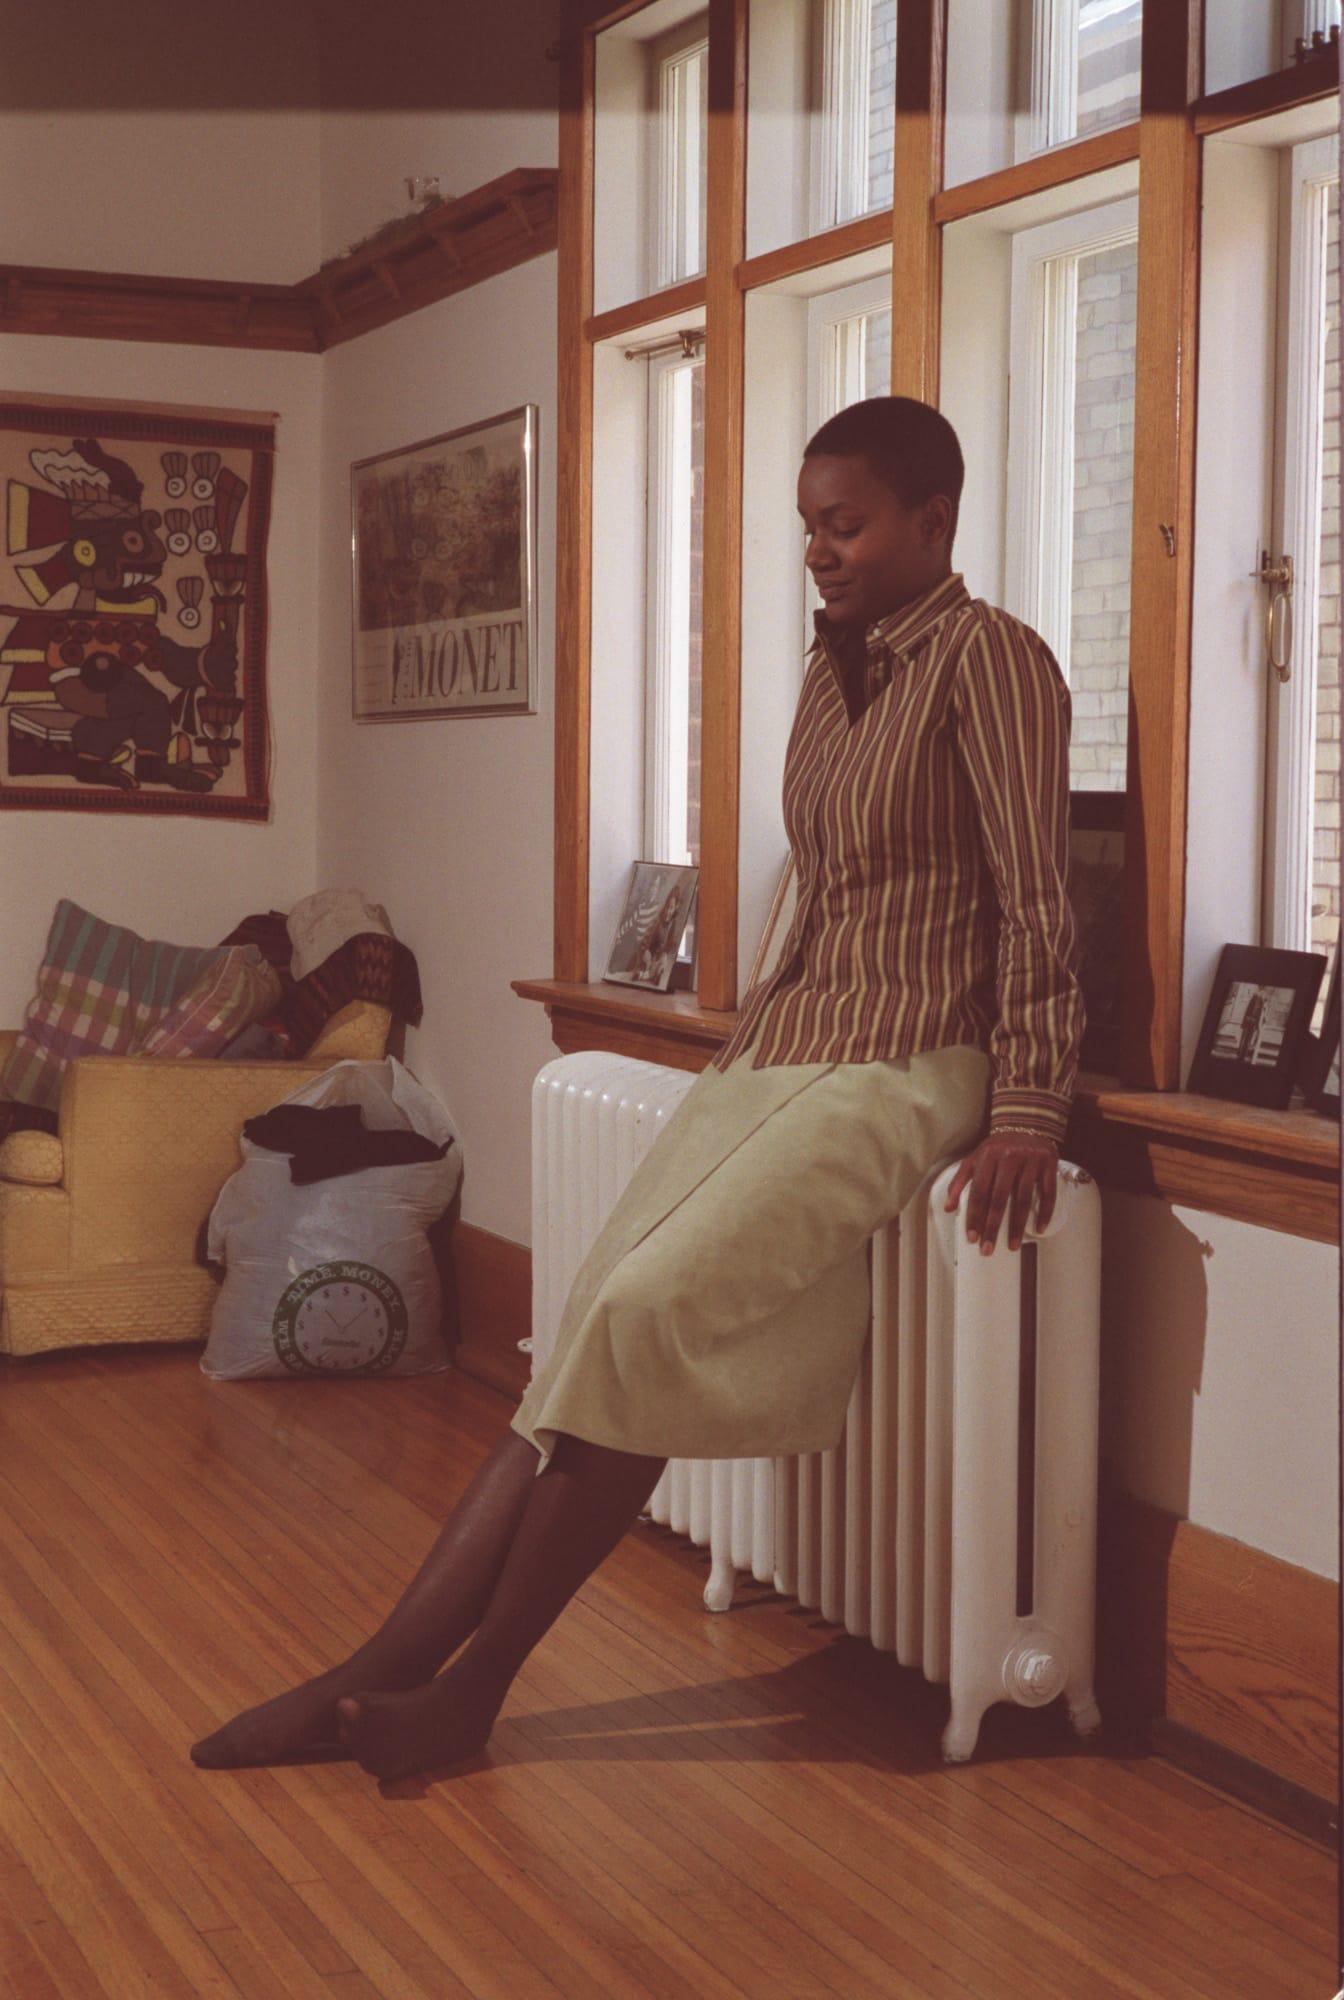 פול בביתה בטורונטו בשנת 2010 (צילום: רנה ג'ונסטון /Toronto Star באמצעות Getty Images)